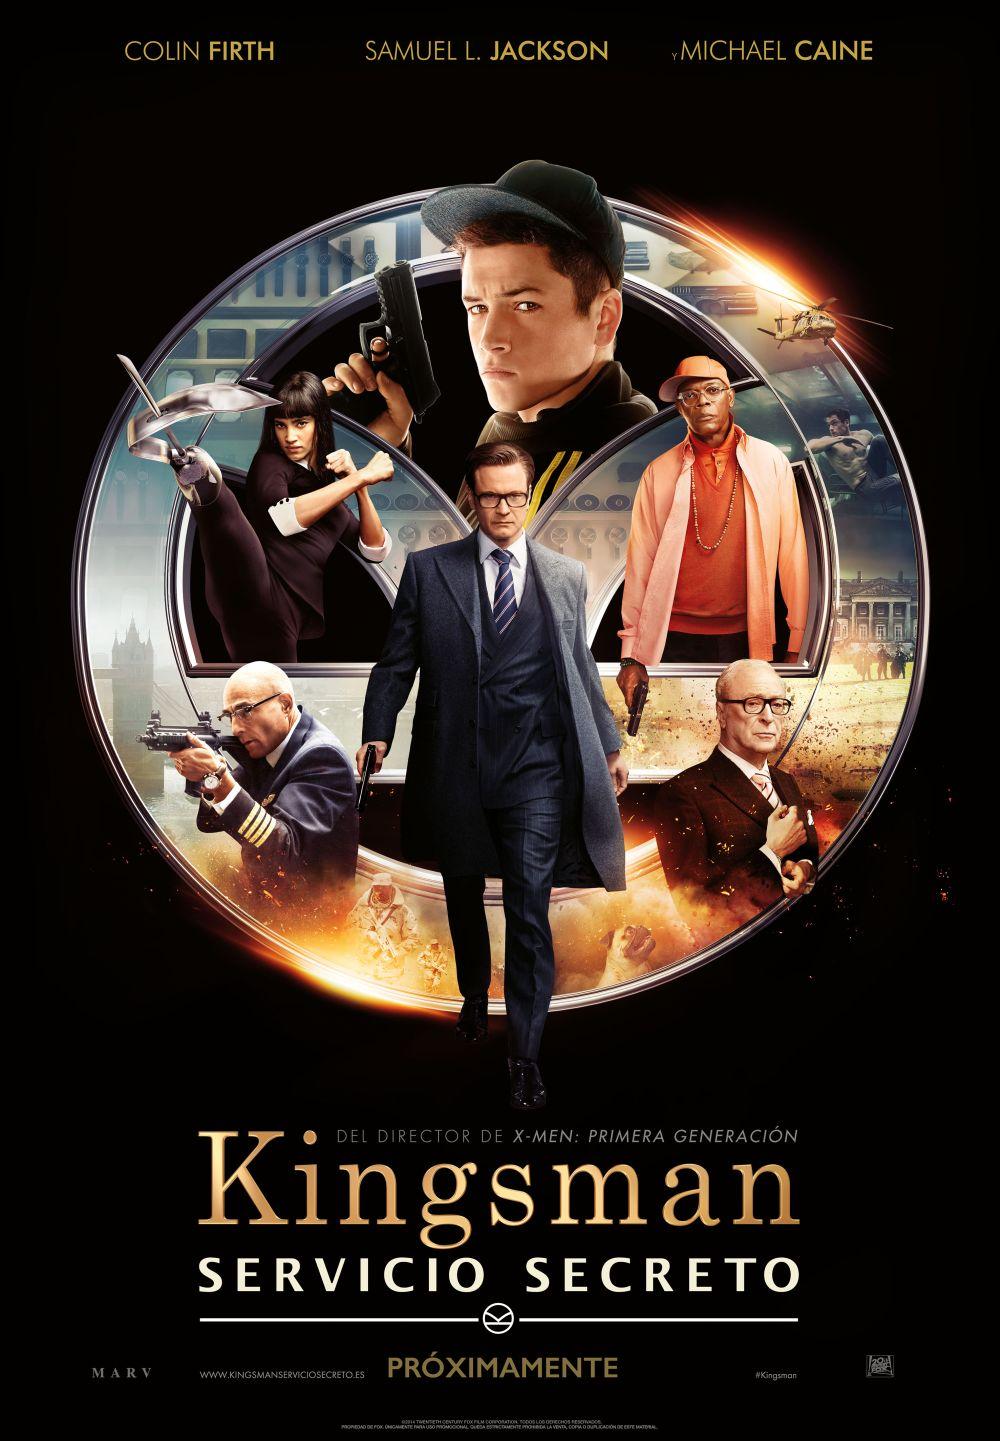 kingsman-servicio-secreto_96790